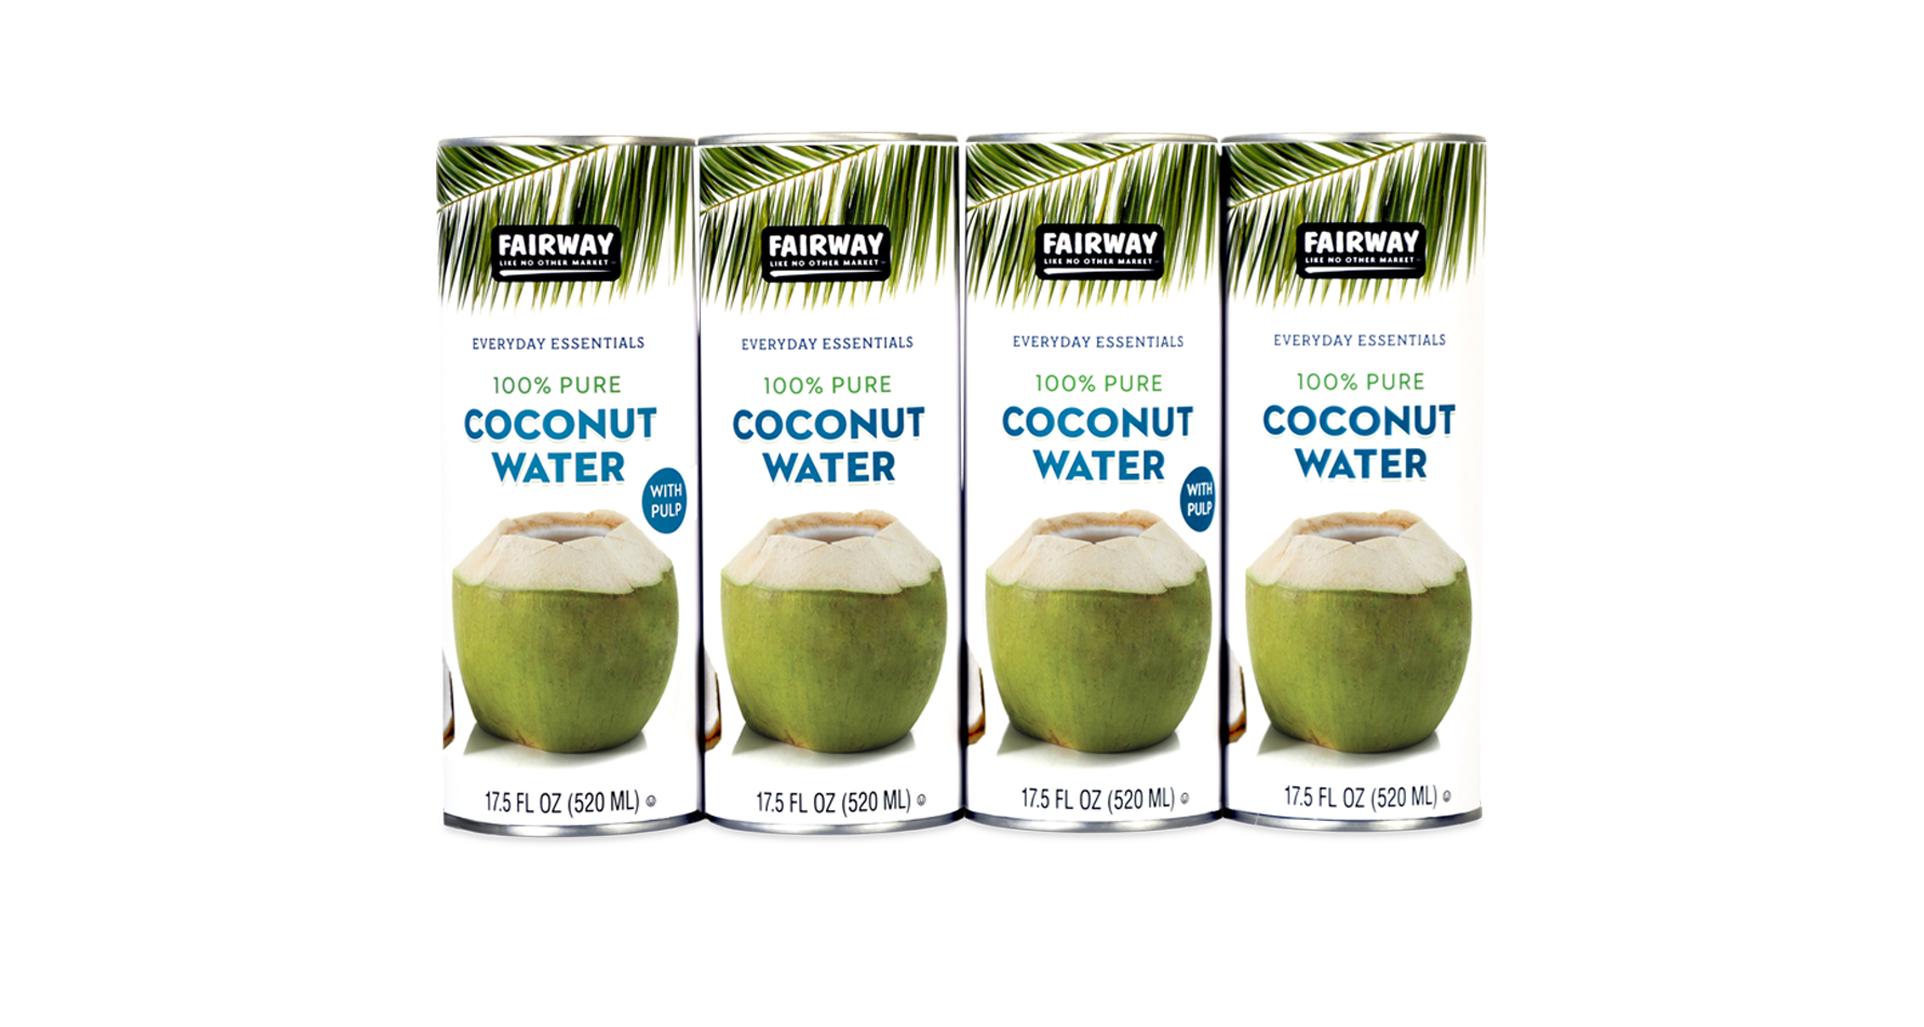 fairway coconut water Uber wide slideshow